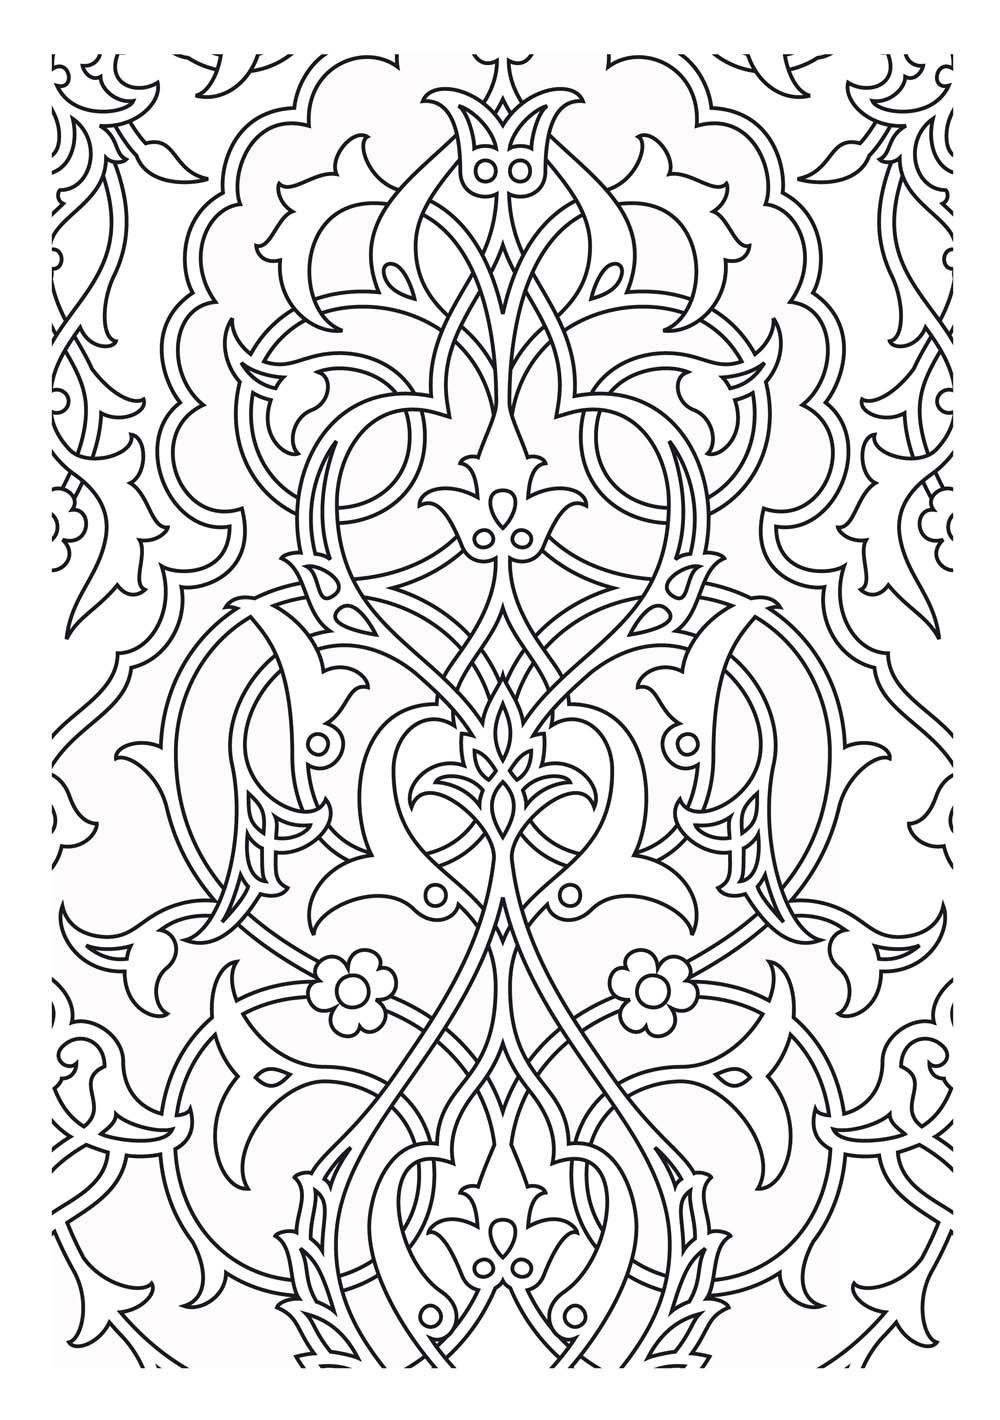 Motif médiéval de tapisserie, pouvant servir d'inspiration, ou de simple coloriage